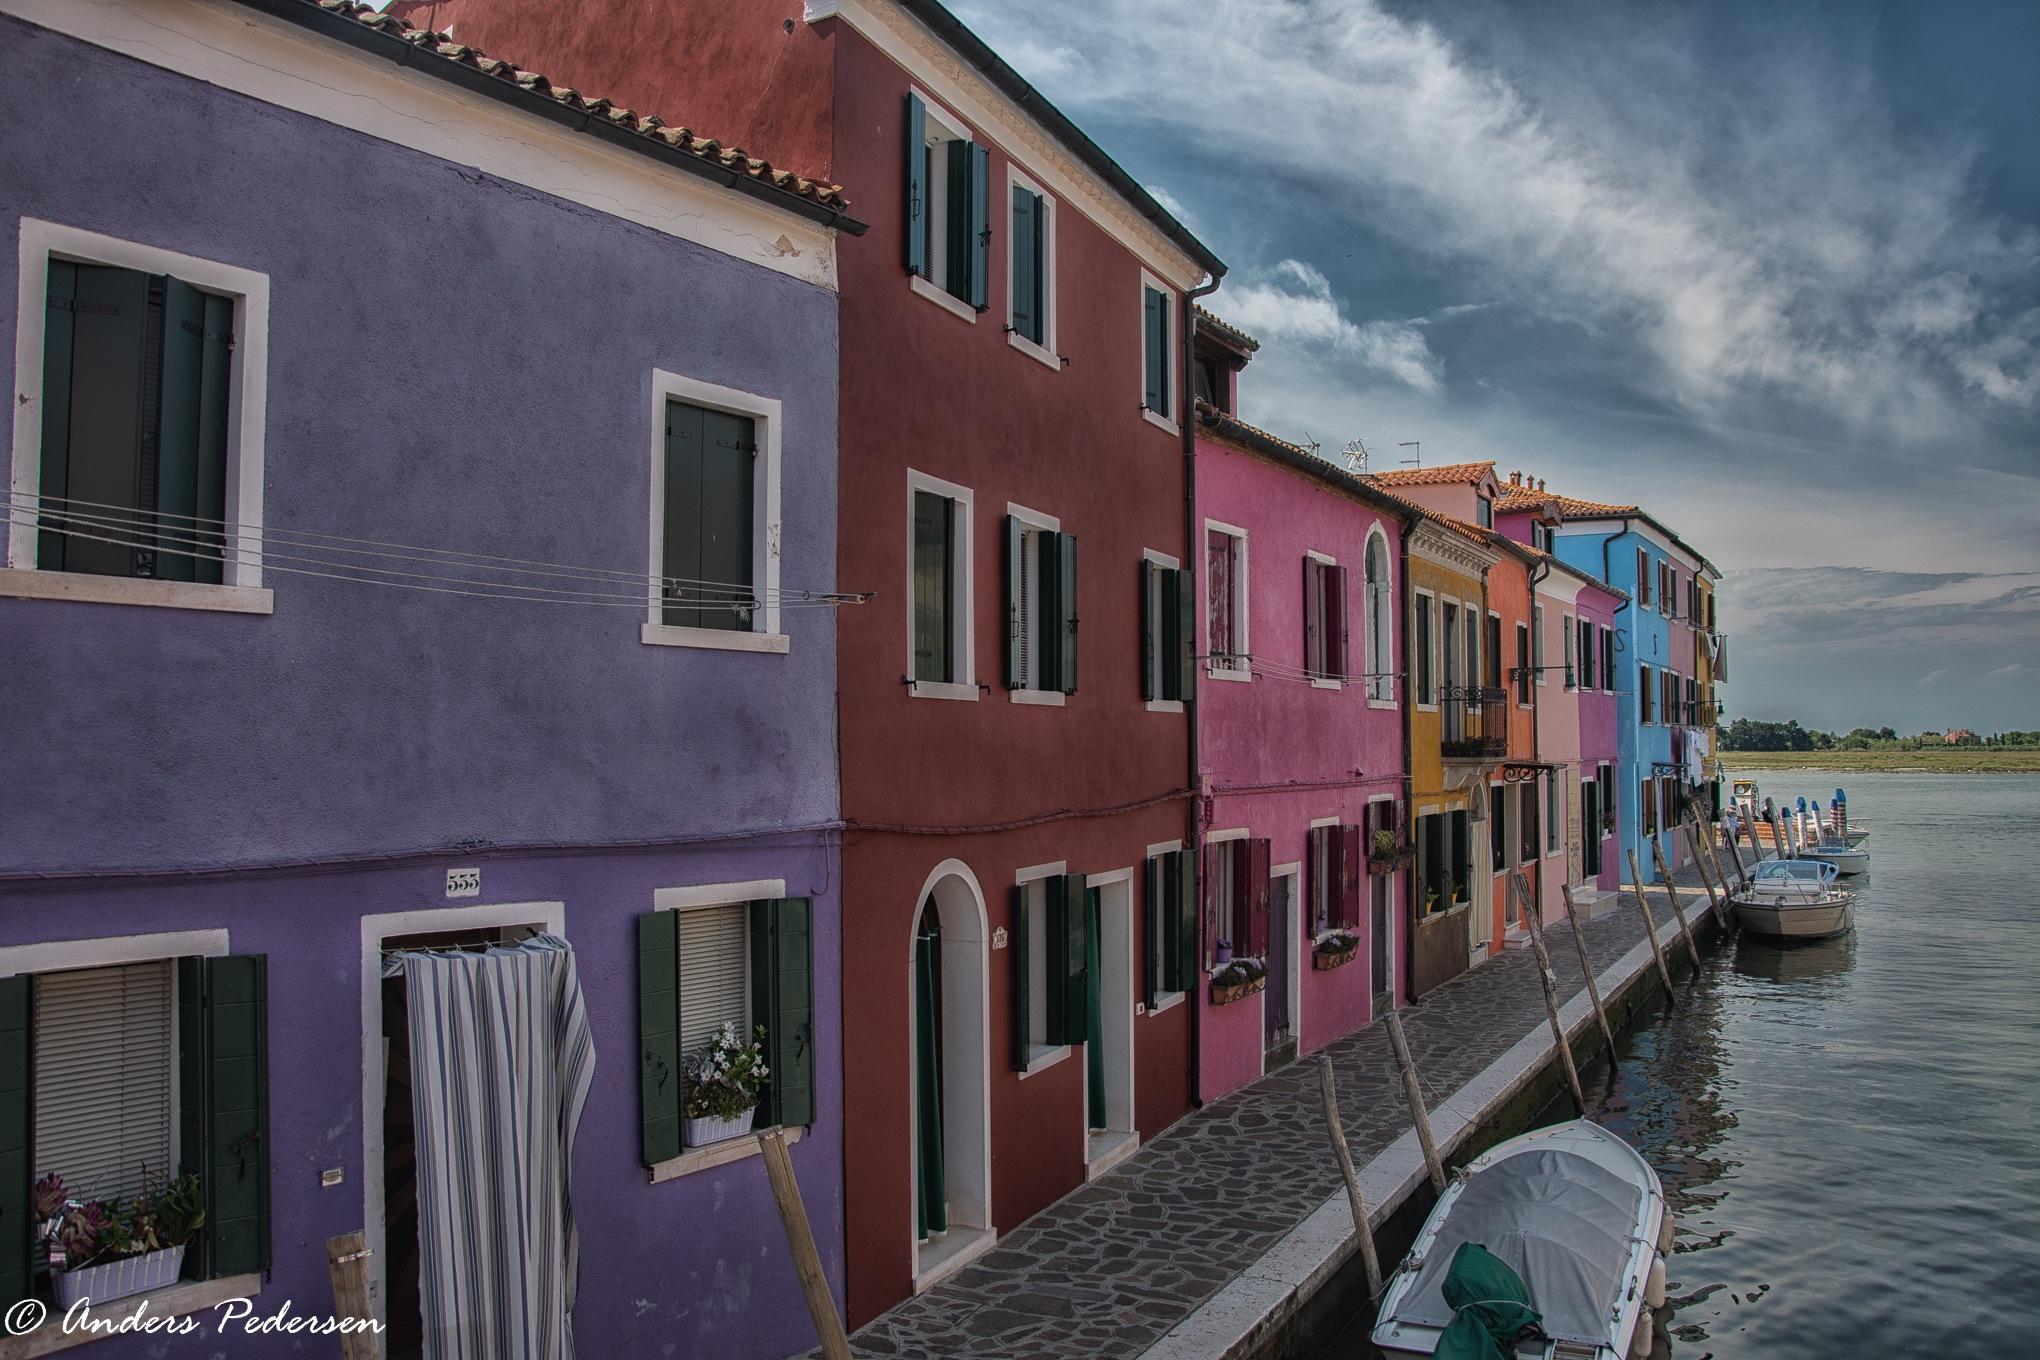 Italy by Anders Pedersen